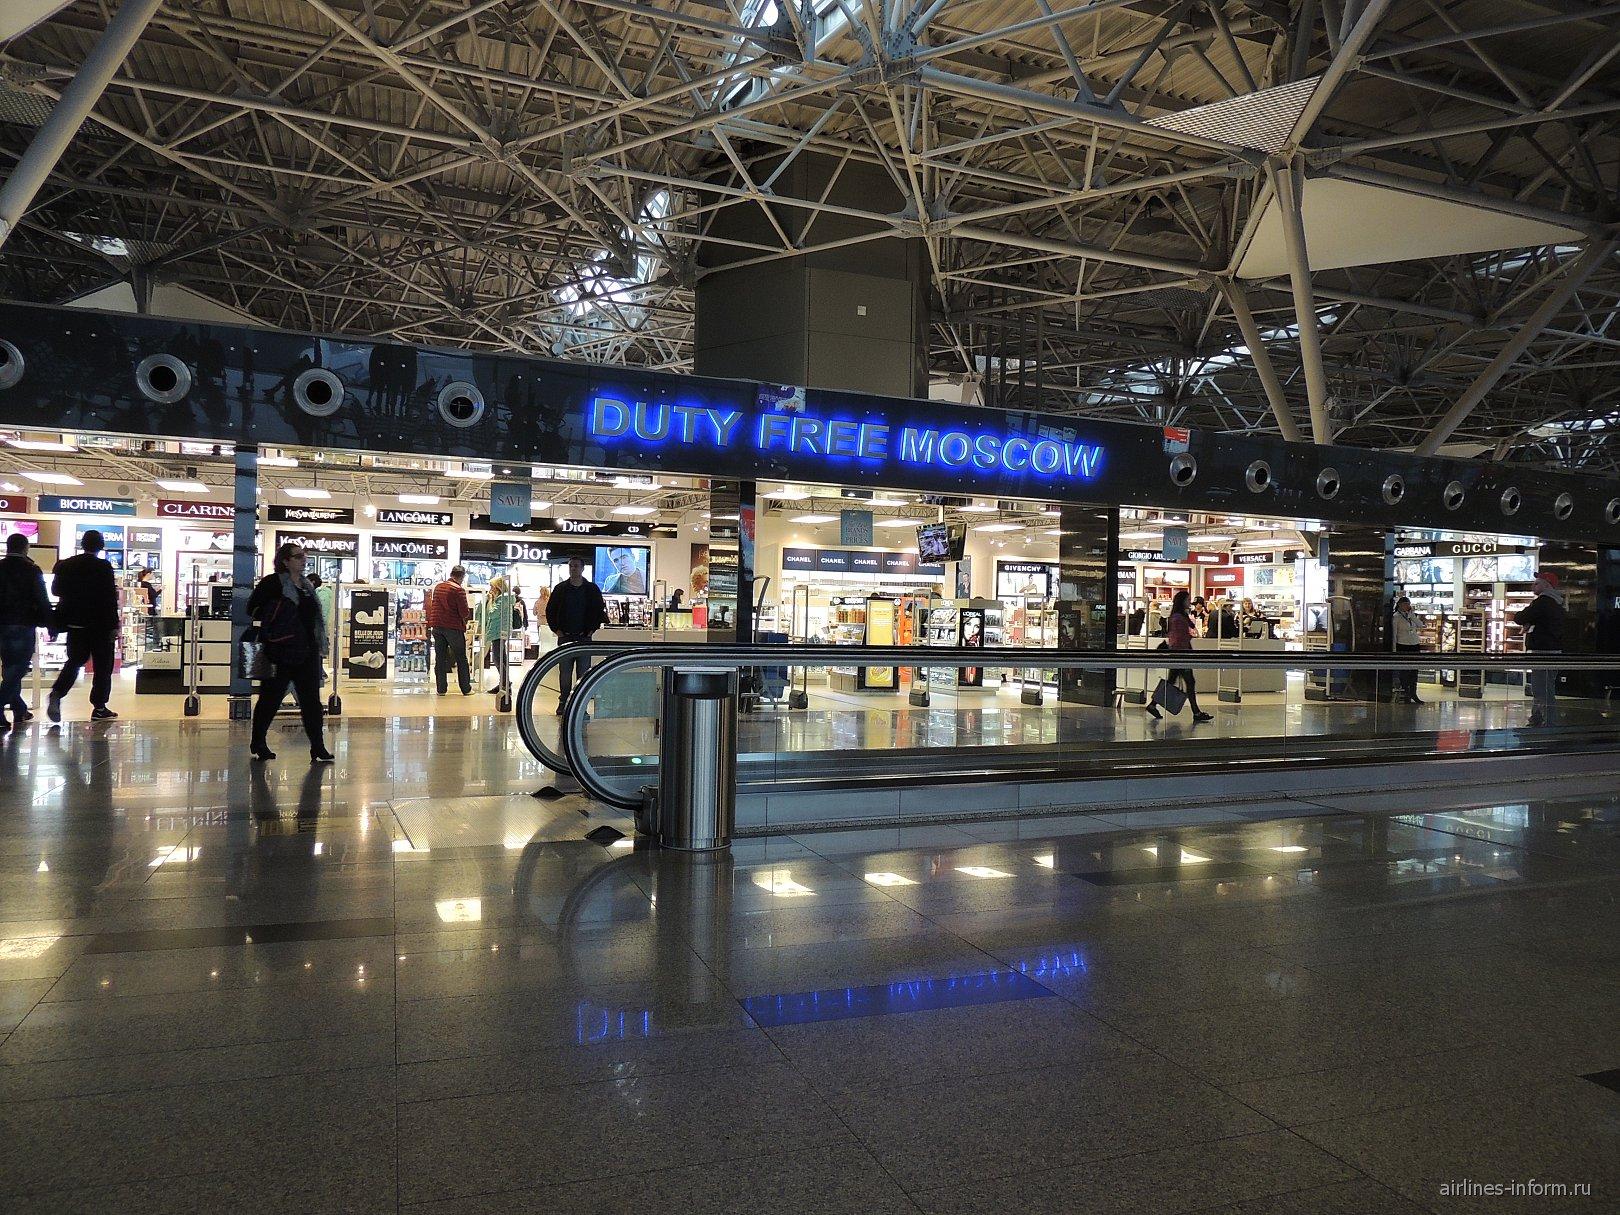 Магазин дьюти-фри в терминале А аэропорта Внуково